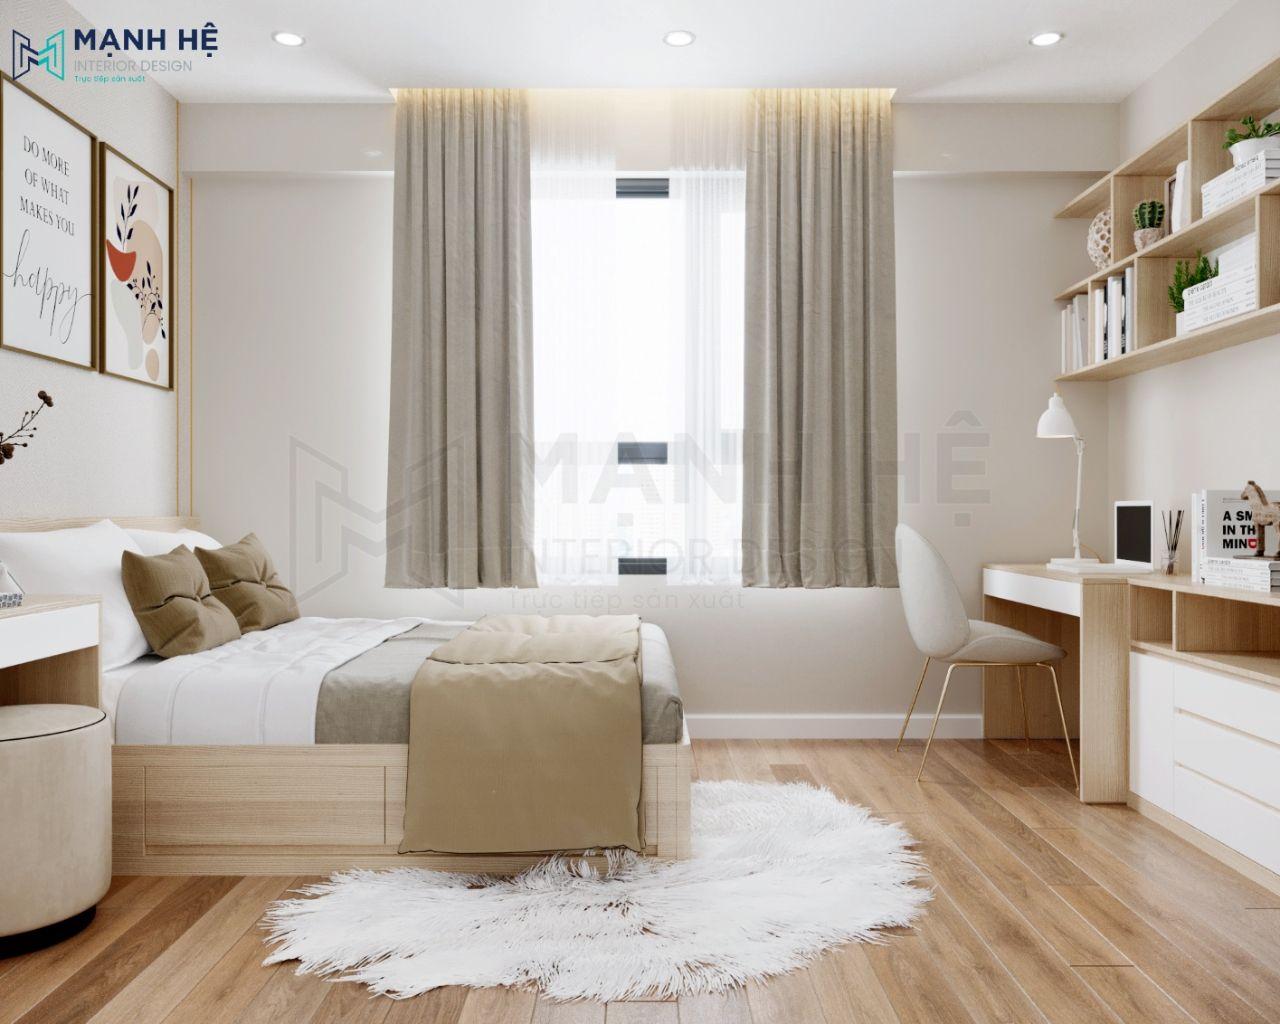 Bố trí cửa sổ lớn cho phòng ngủ bé